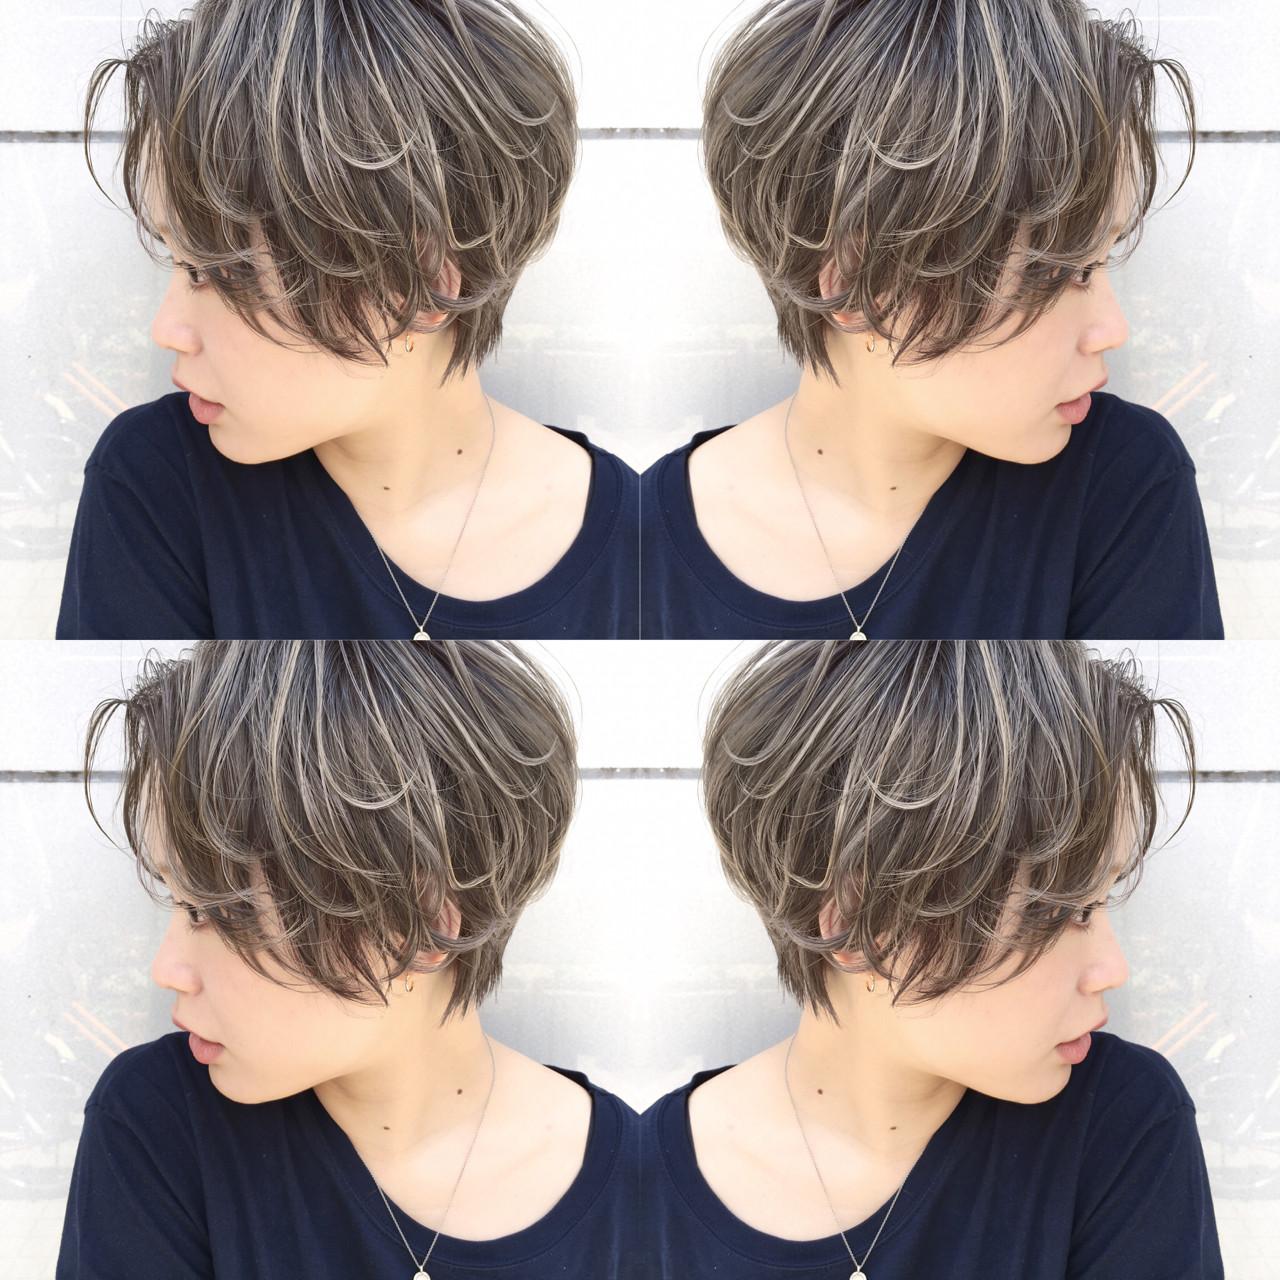 雨の日 アンニュイ ハイライト ショート ヘアスタイルや髪型の写真・画像 | 長谷川 龍太 / hair design tea